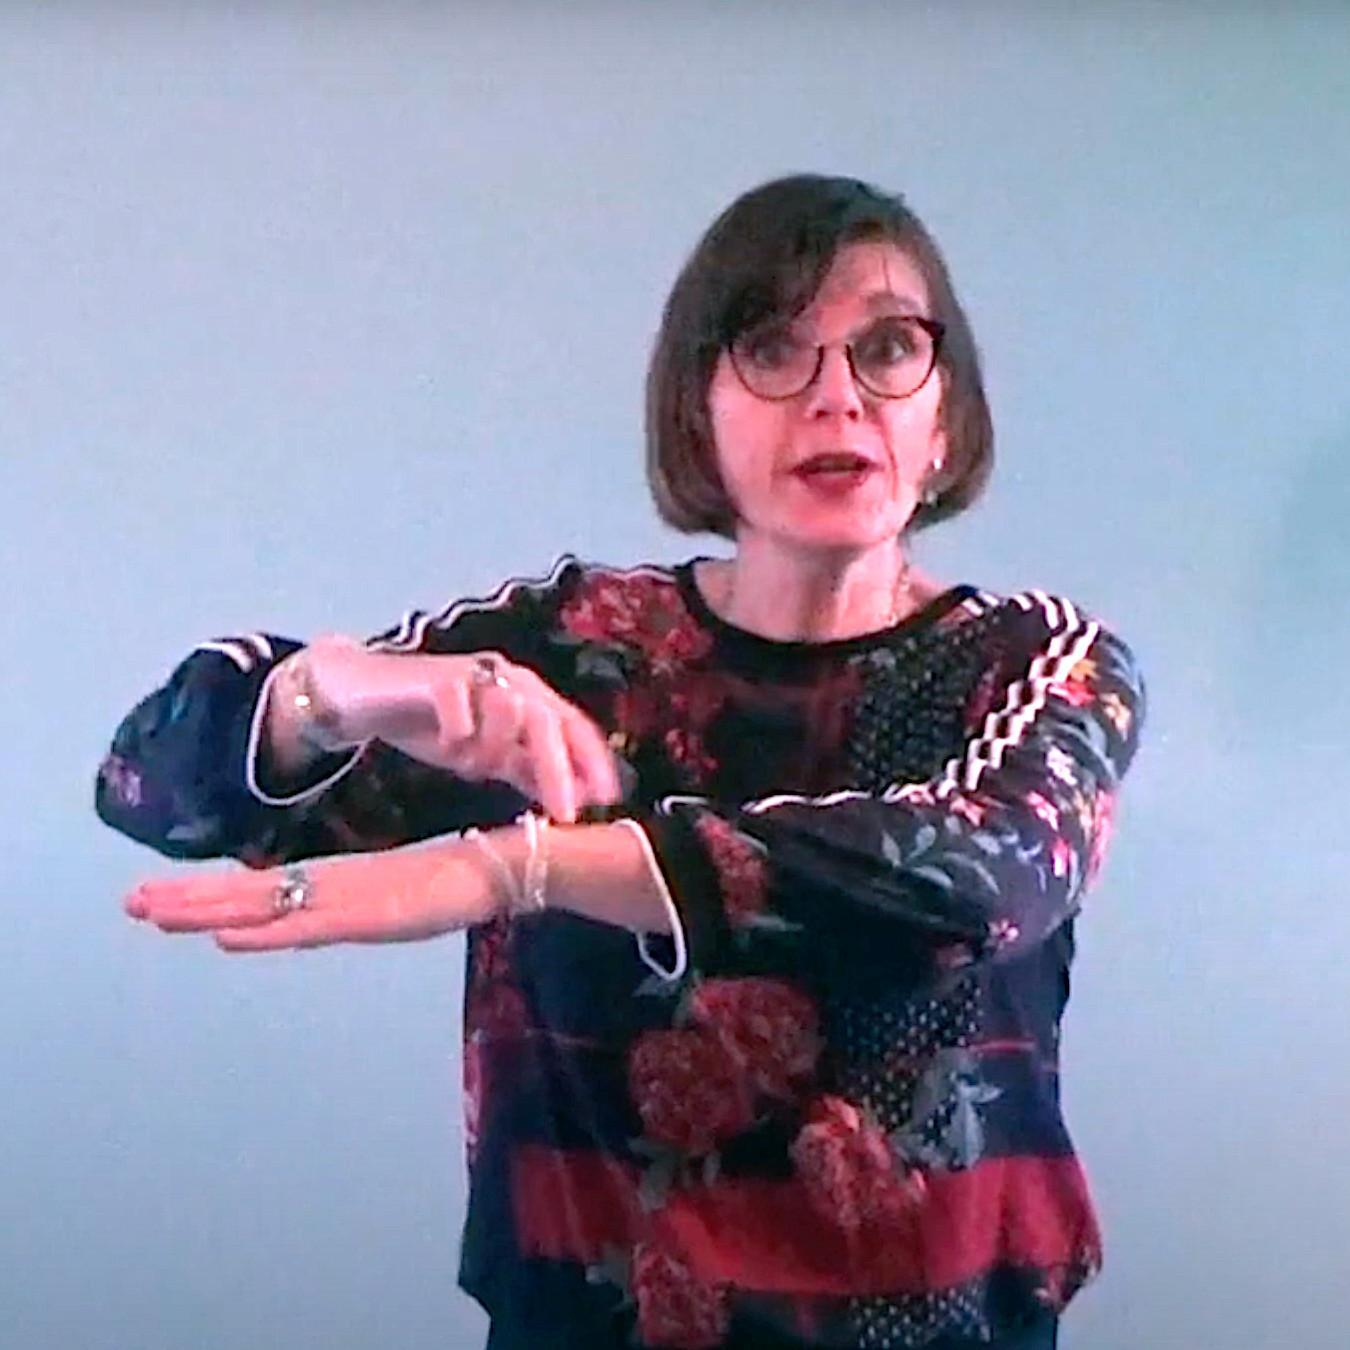 Gebarenliedjes van Irina Hoffer uit Berkhout zijn leuk en goed voor de taalontwikkeling